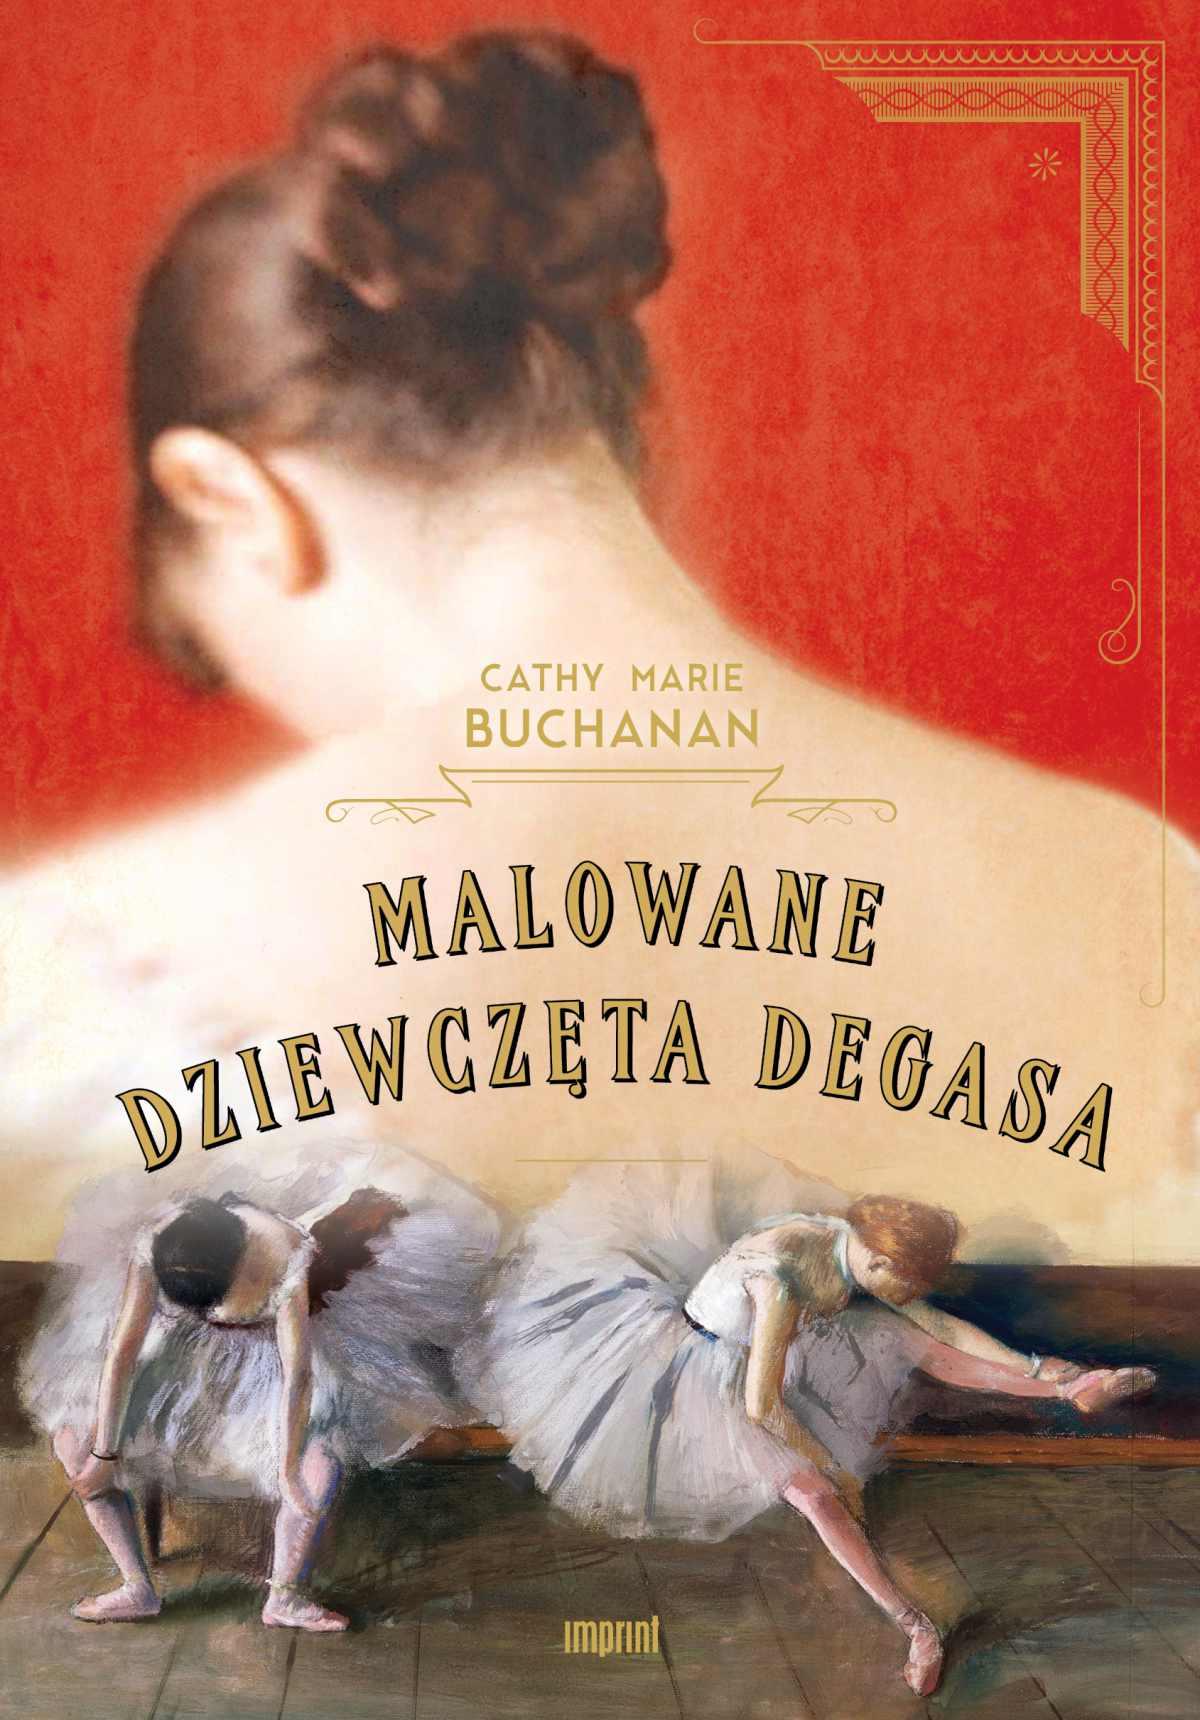 Malowane dziewczęta Degasa - Ebook (Książka na Kindle) do pobrania w formacie MOBI